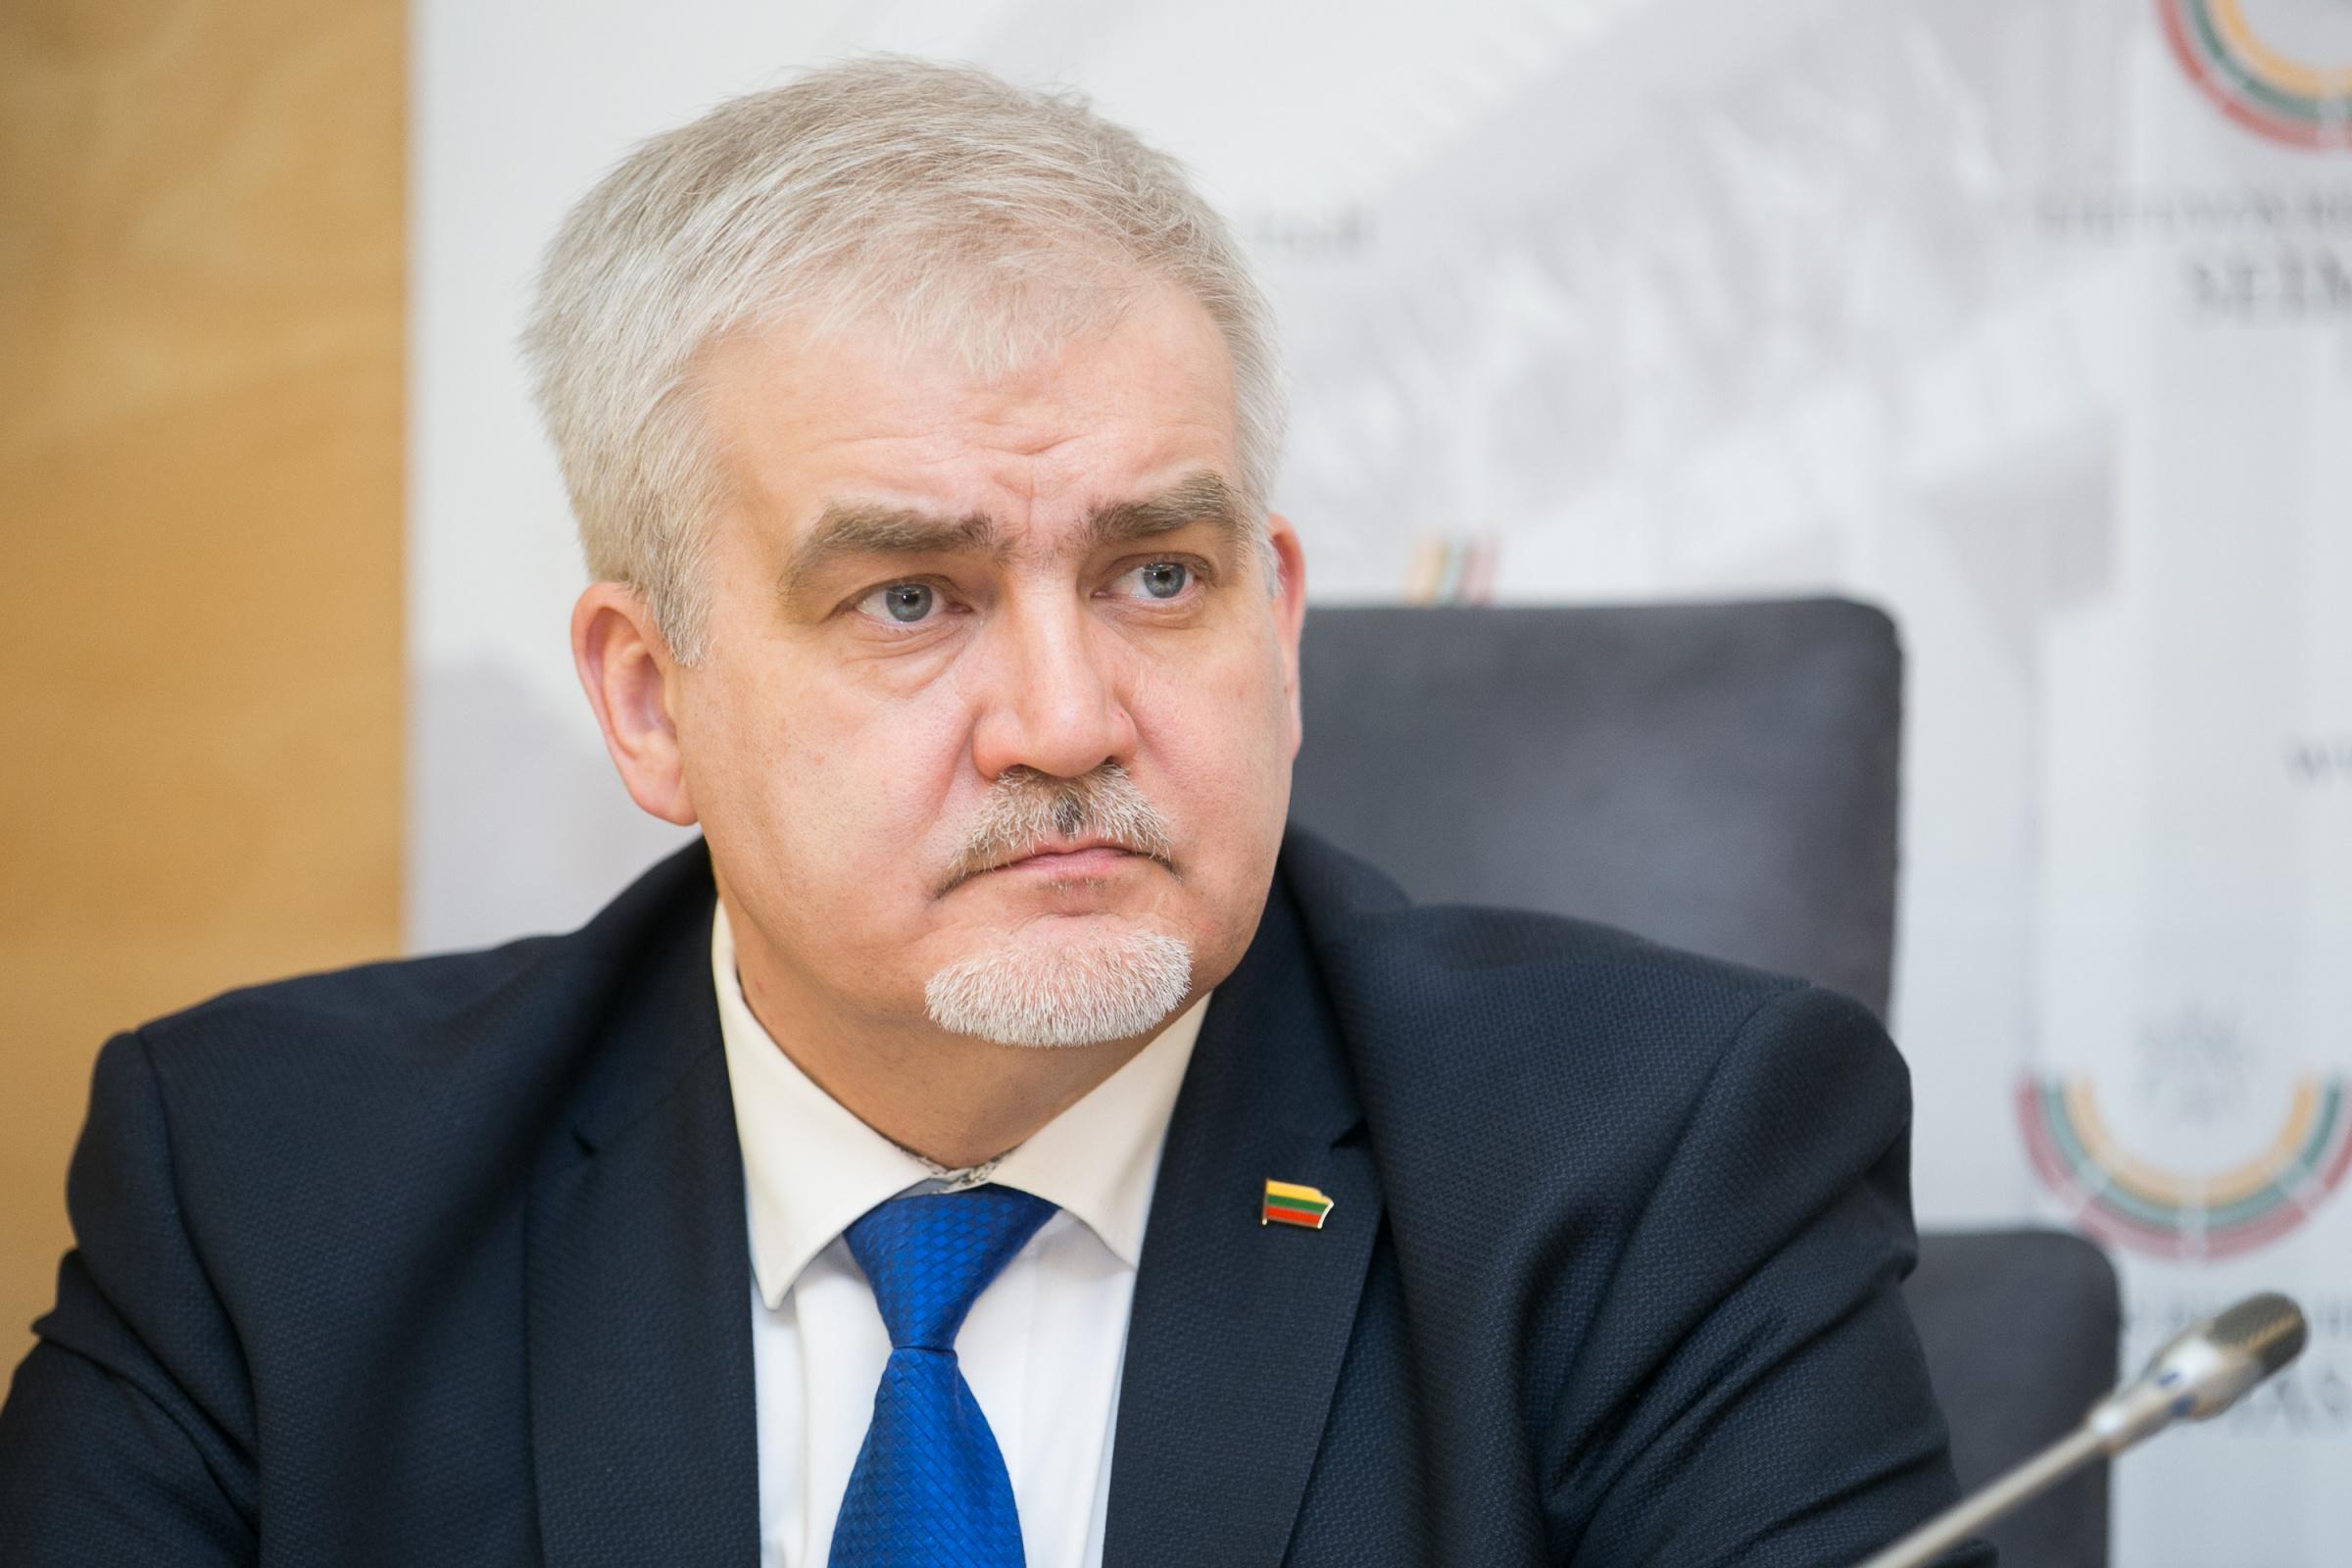 """Darius Kaminskas: """"Kai vyksta dialogas tarp savivaldybės, čia išrinkto Seimo nario bei Vyriausybės atstovų, tuomet ir galima pasiekti tokių rezultatų."""""""